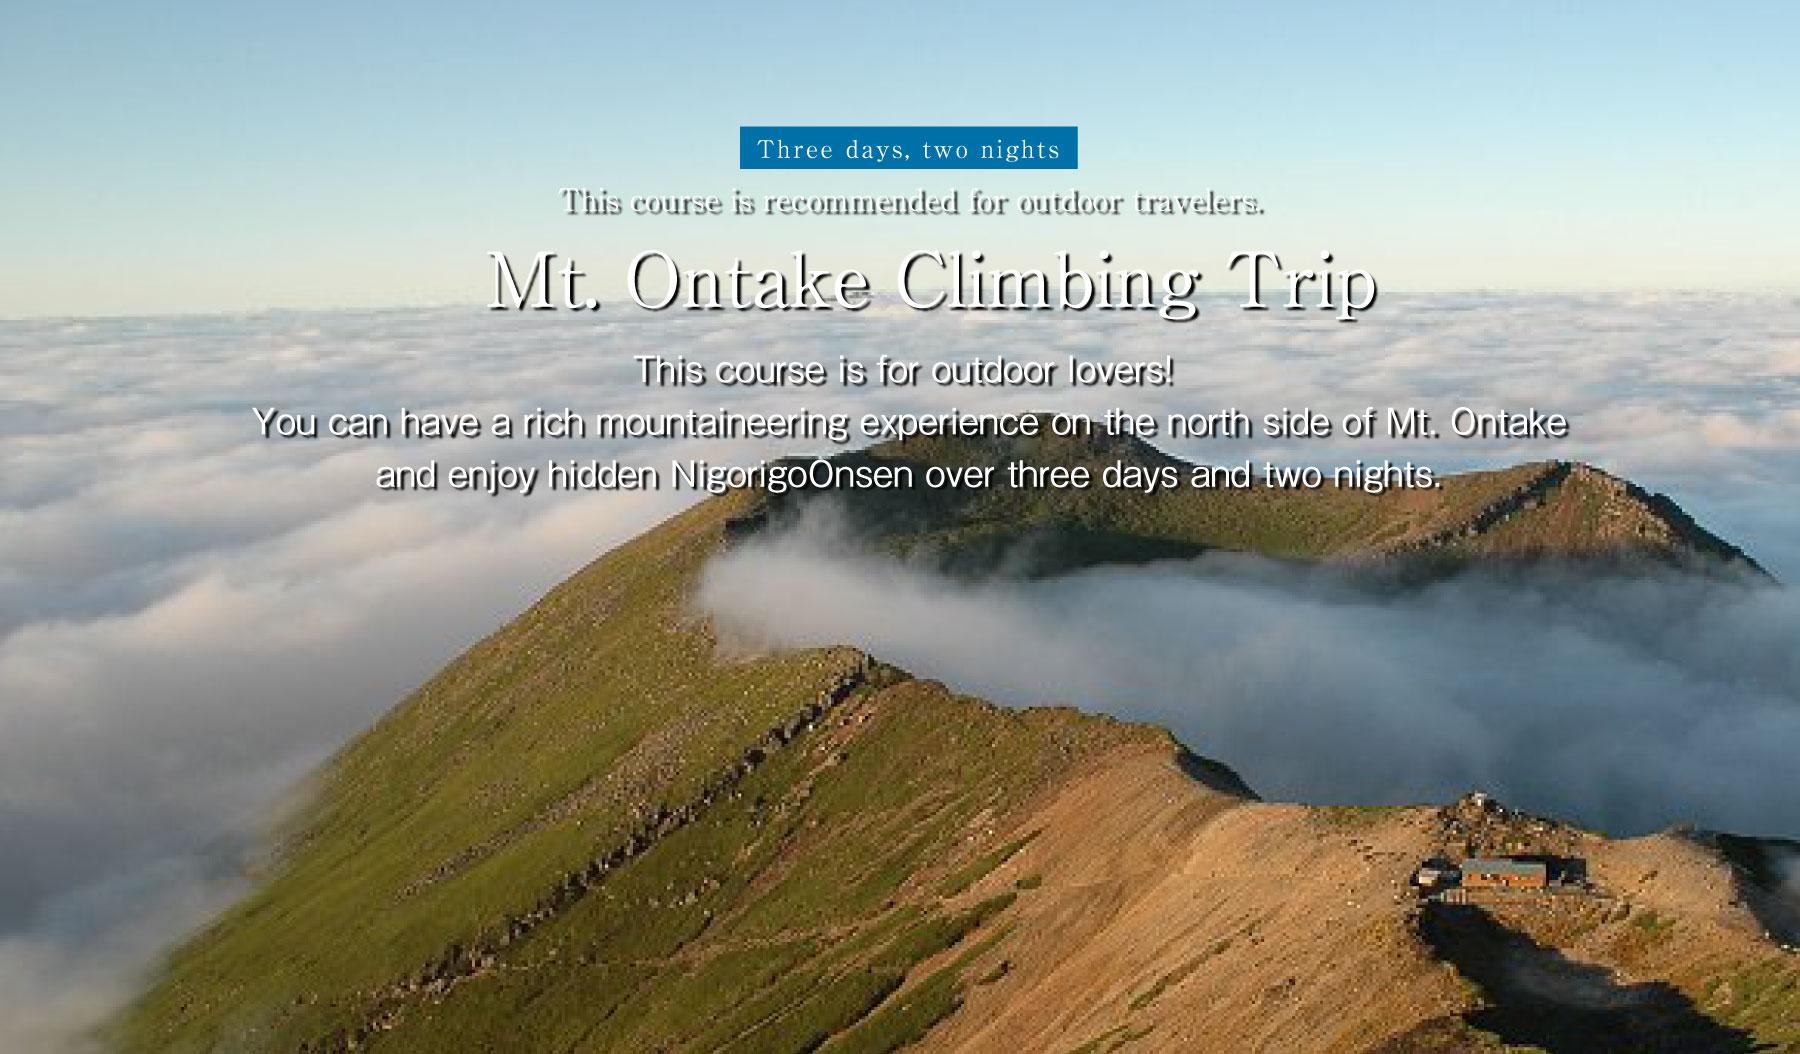 Mt. Ontake climbing trip